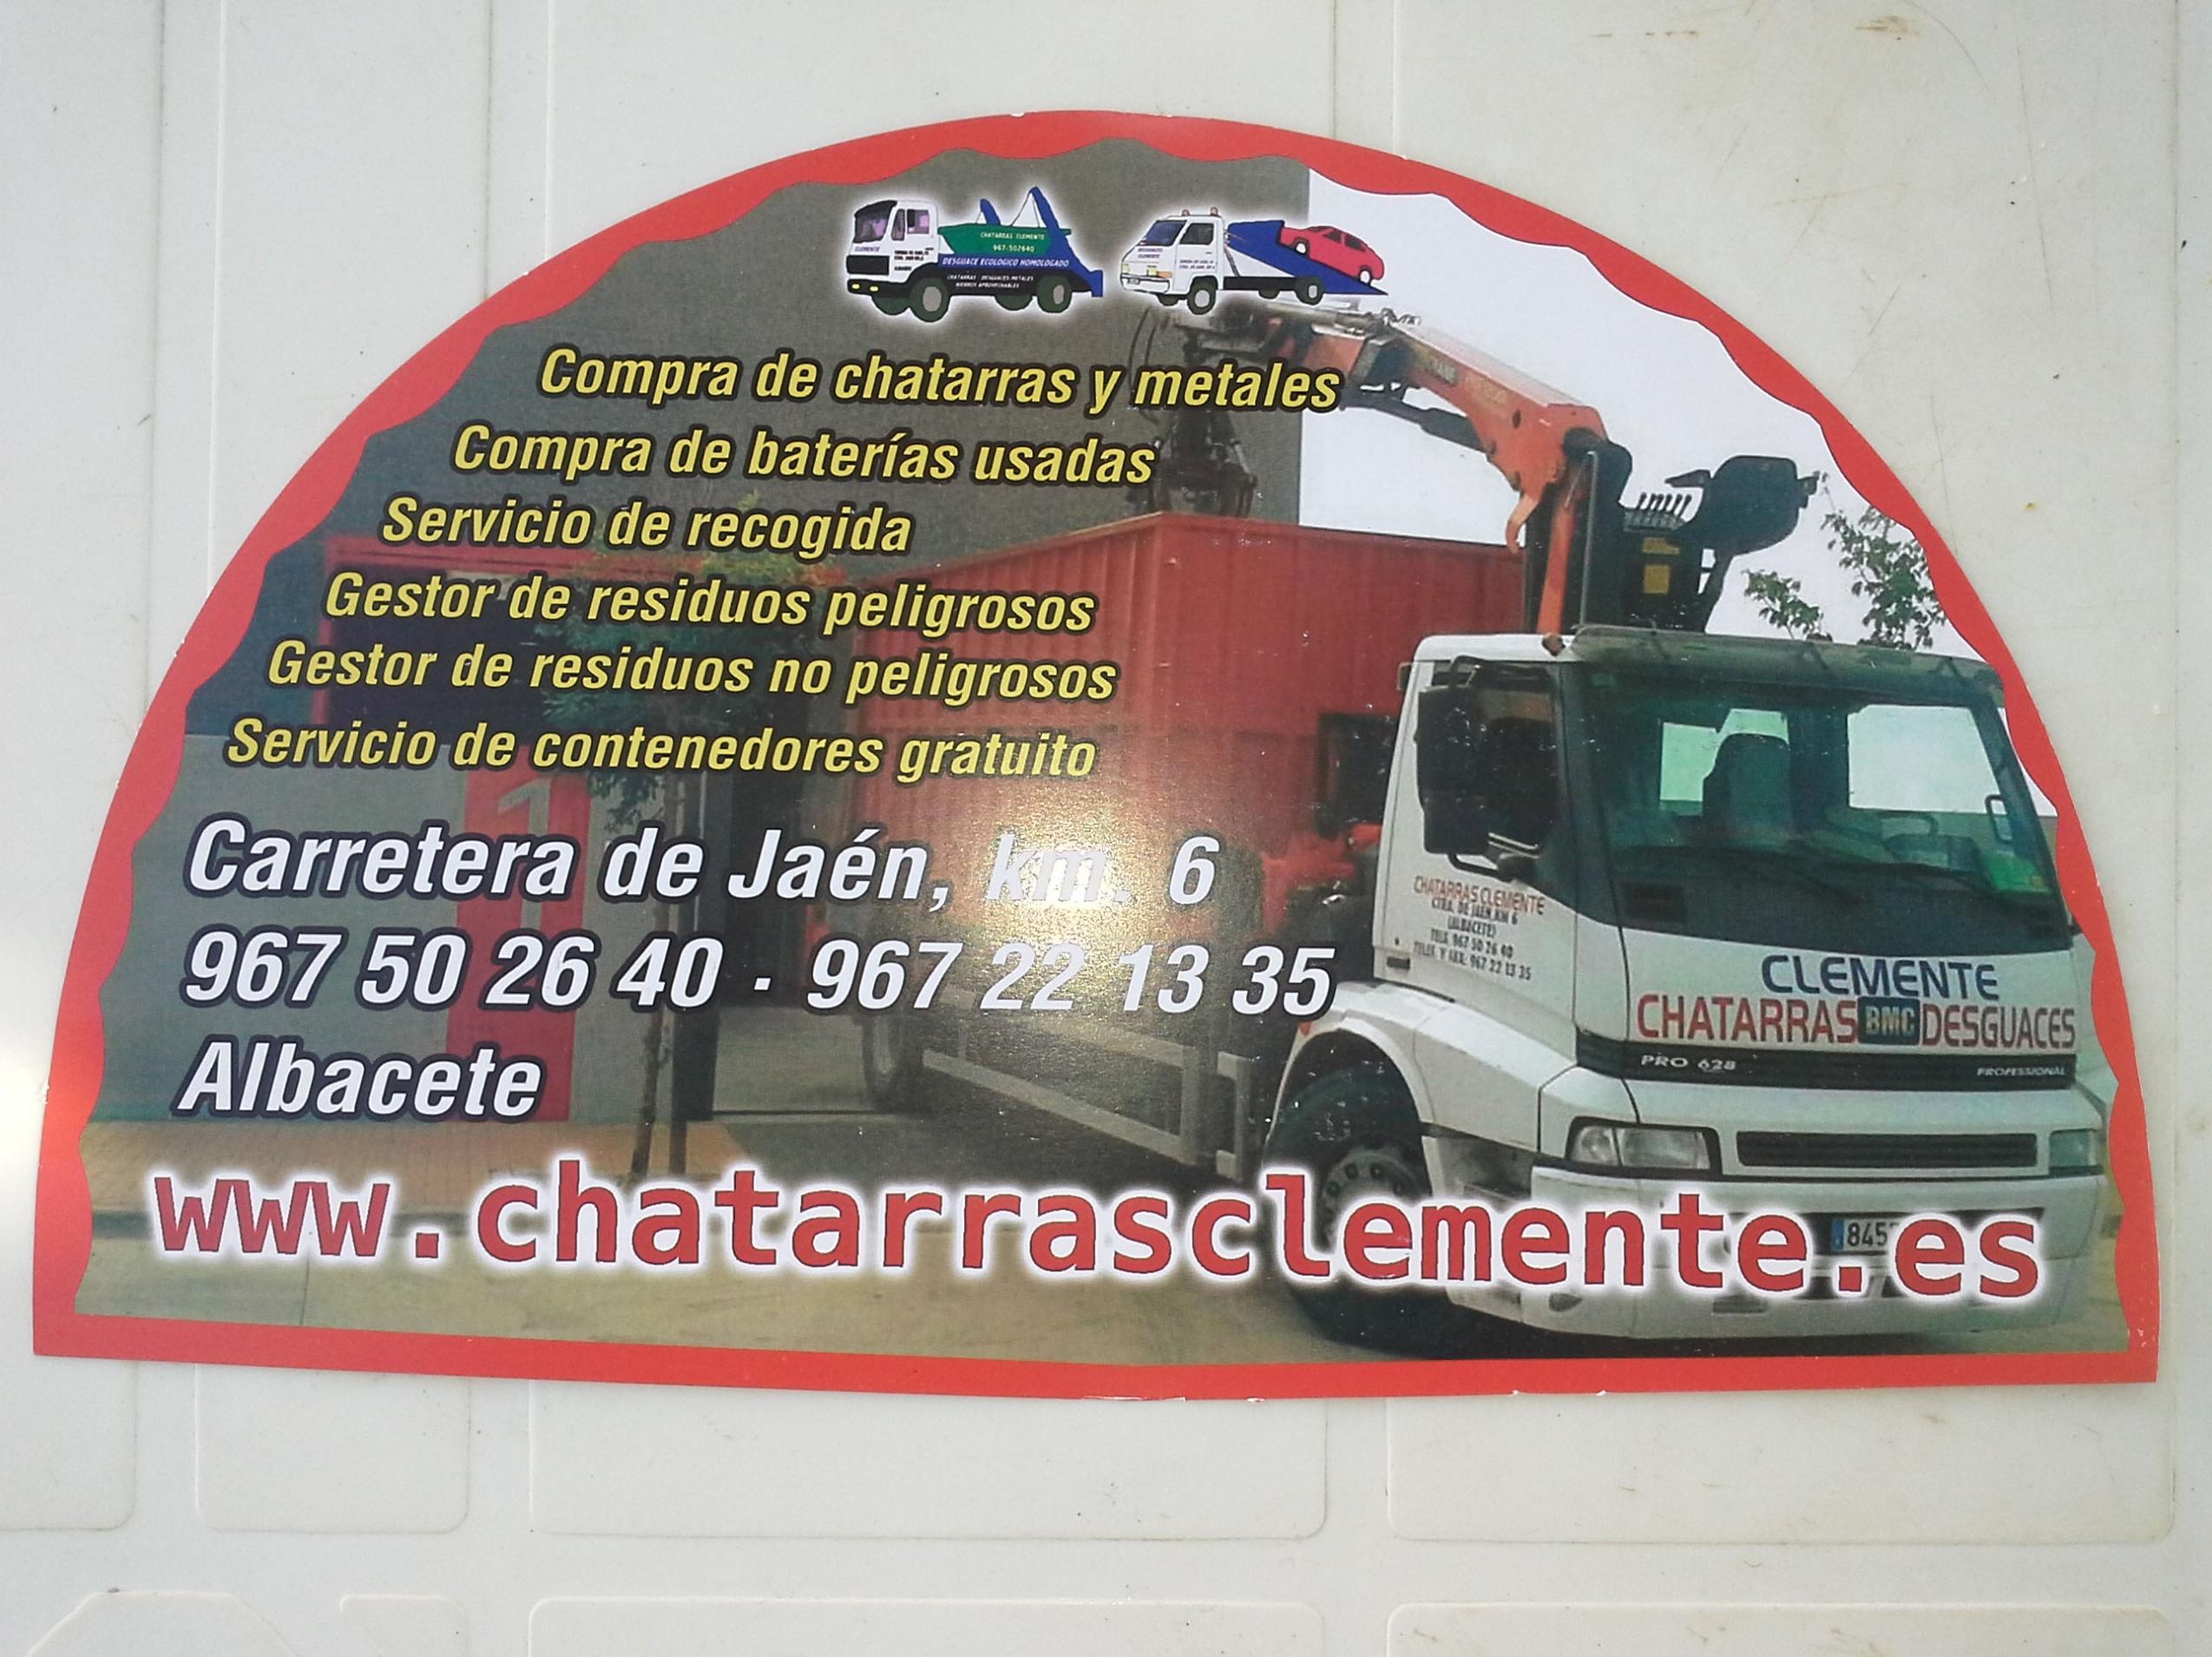 Abanicos repartidos por Chatarras Clemente en la feria de Albacete 2014